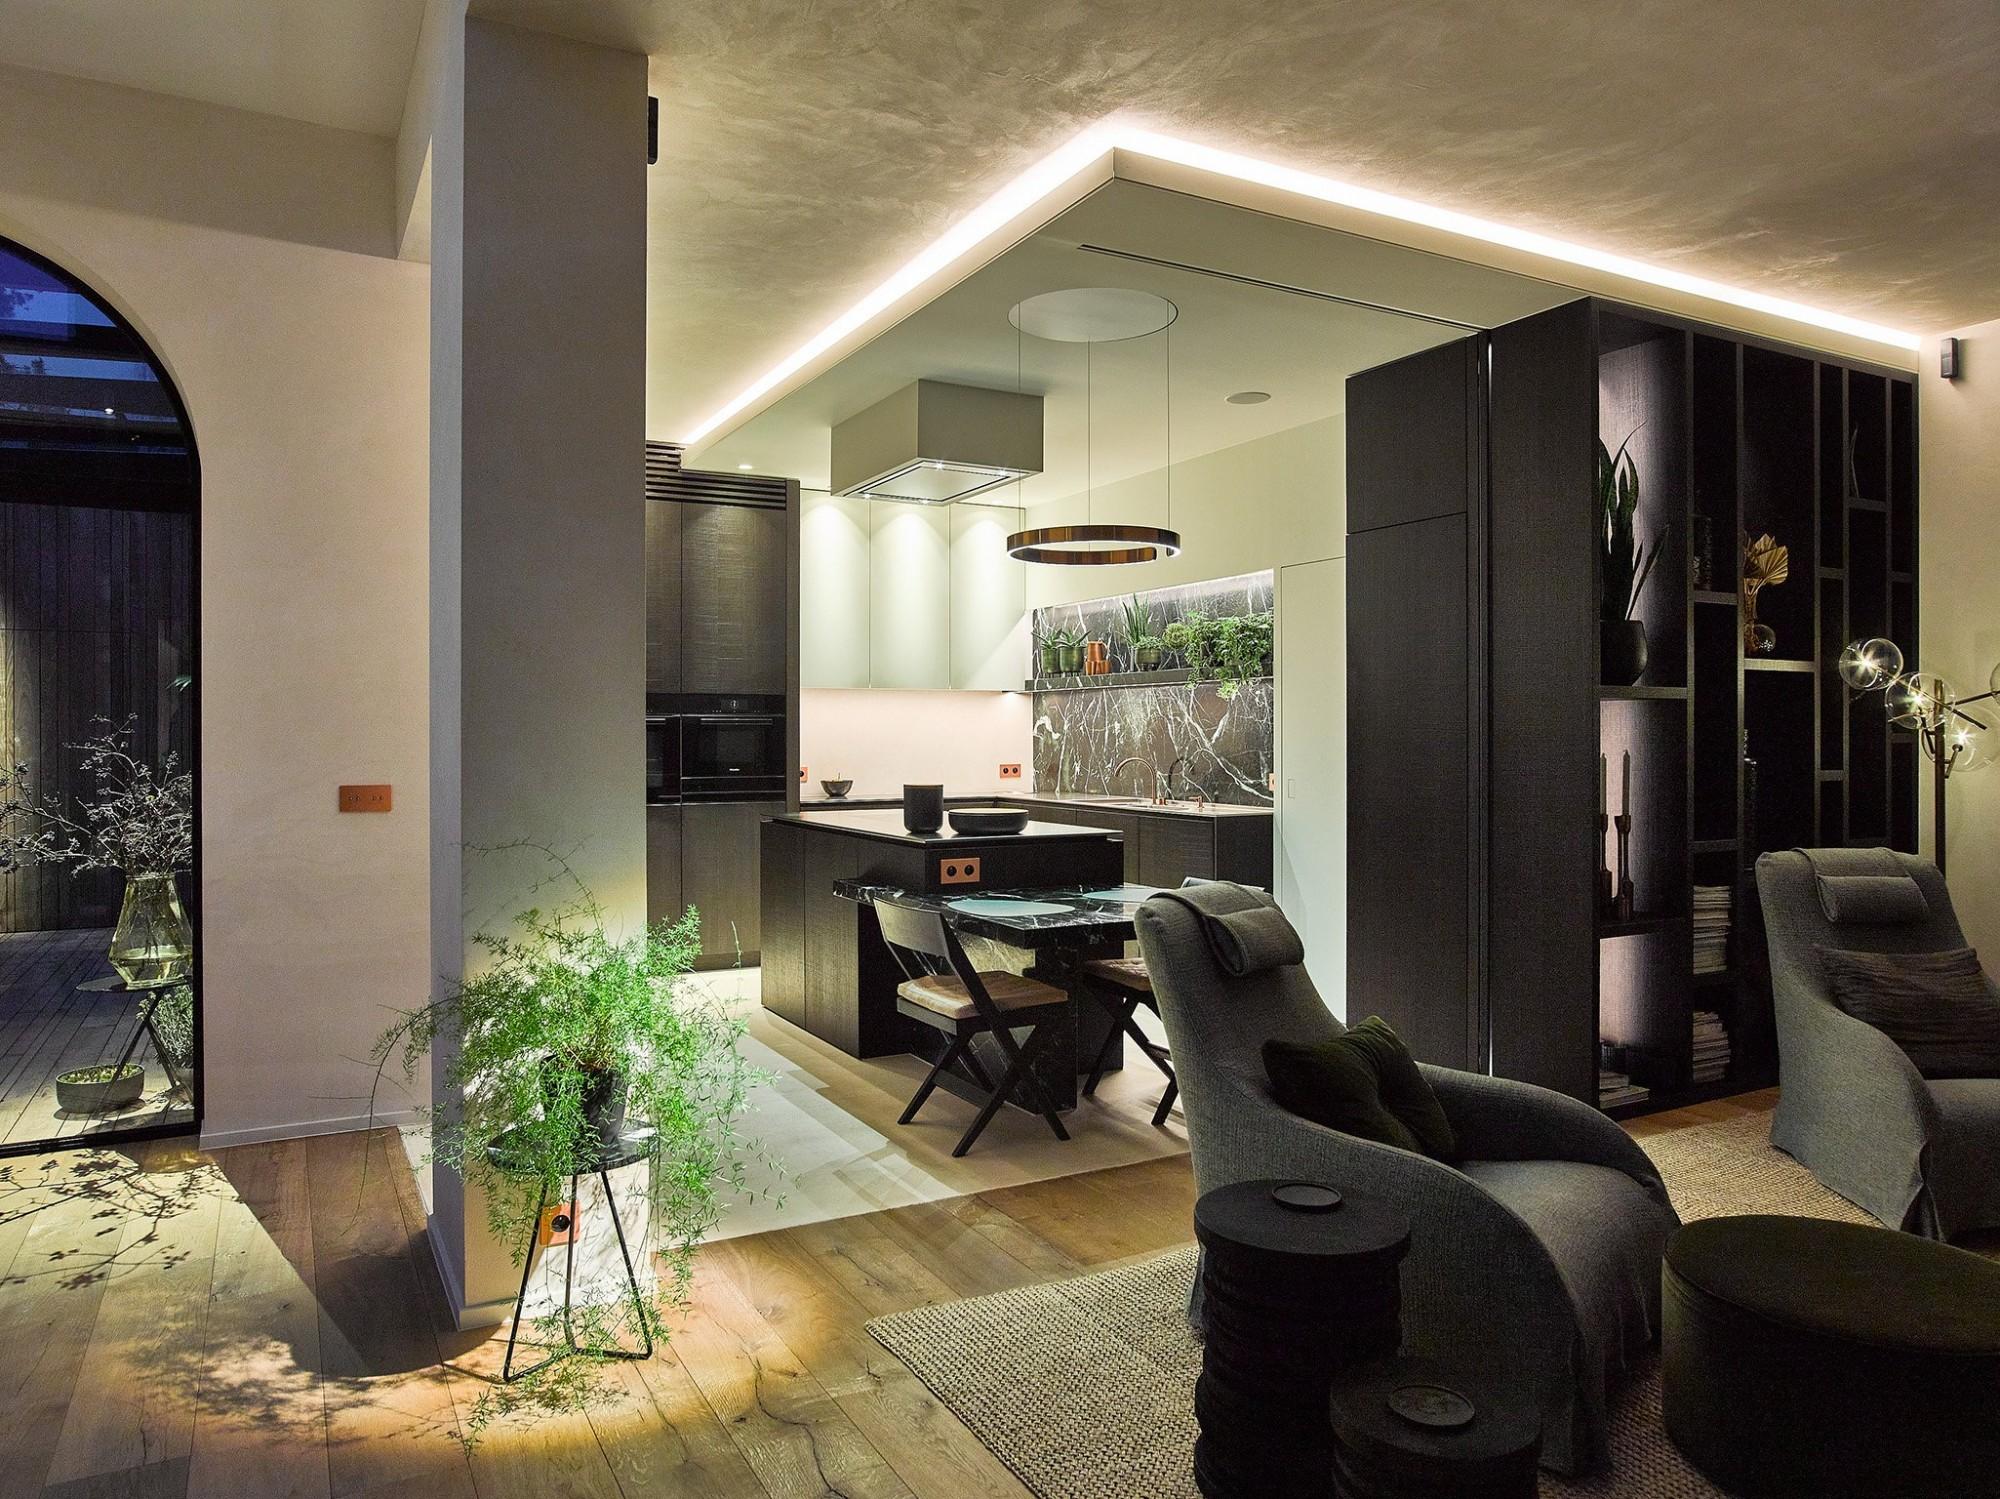 Afbeelding: Fotografie interieur woonruimte - keuken voor Vergalle totaalprojecten.